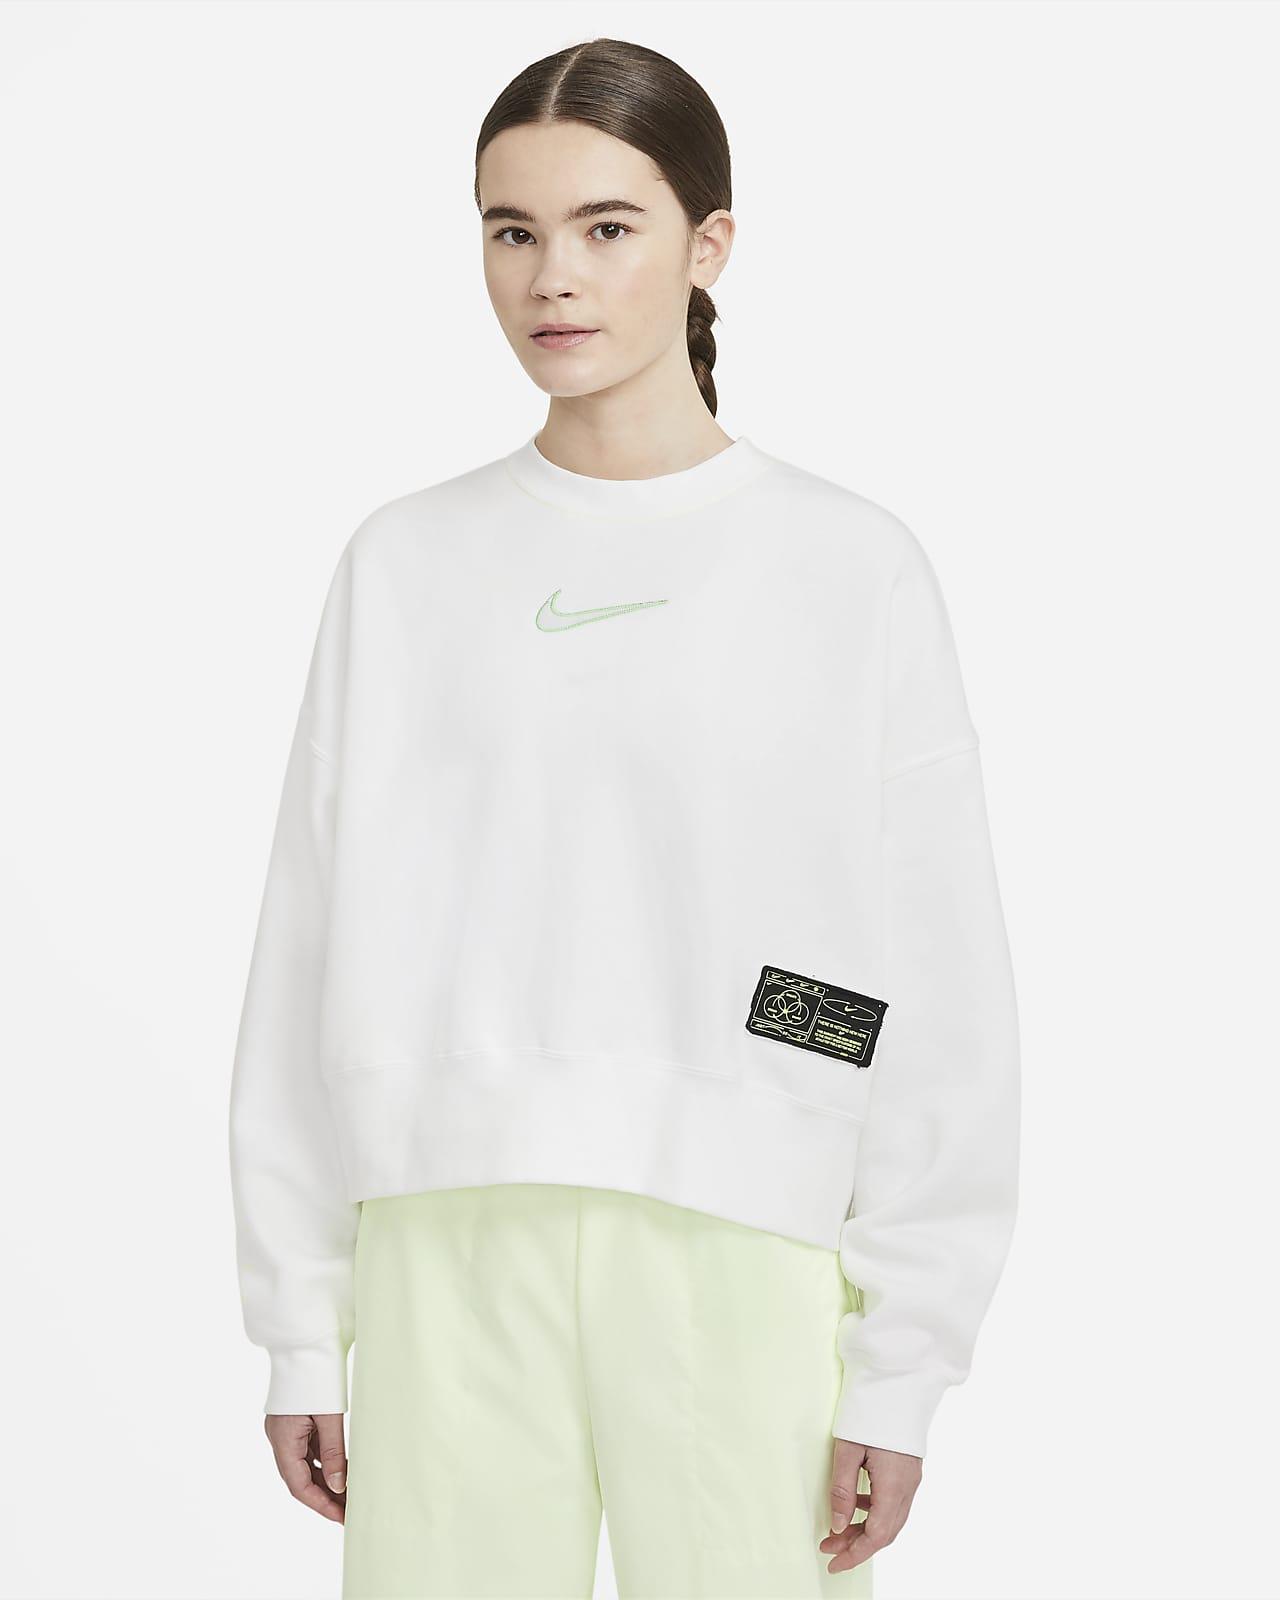 Nike Sportswear Women's Fleece Crew